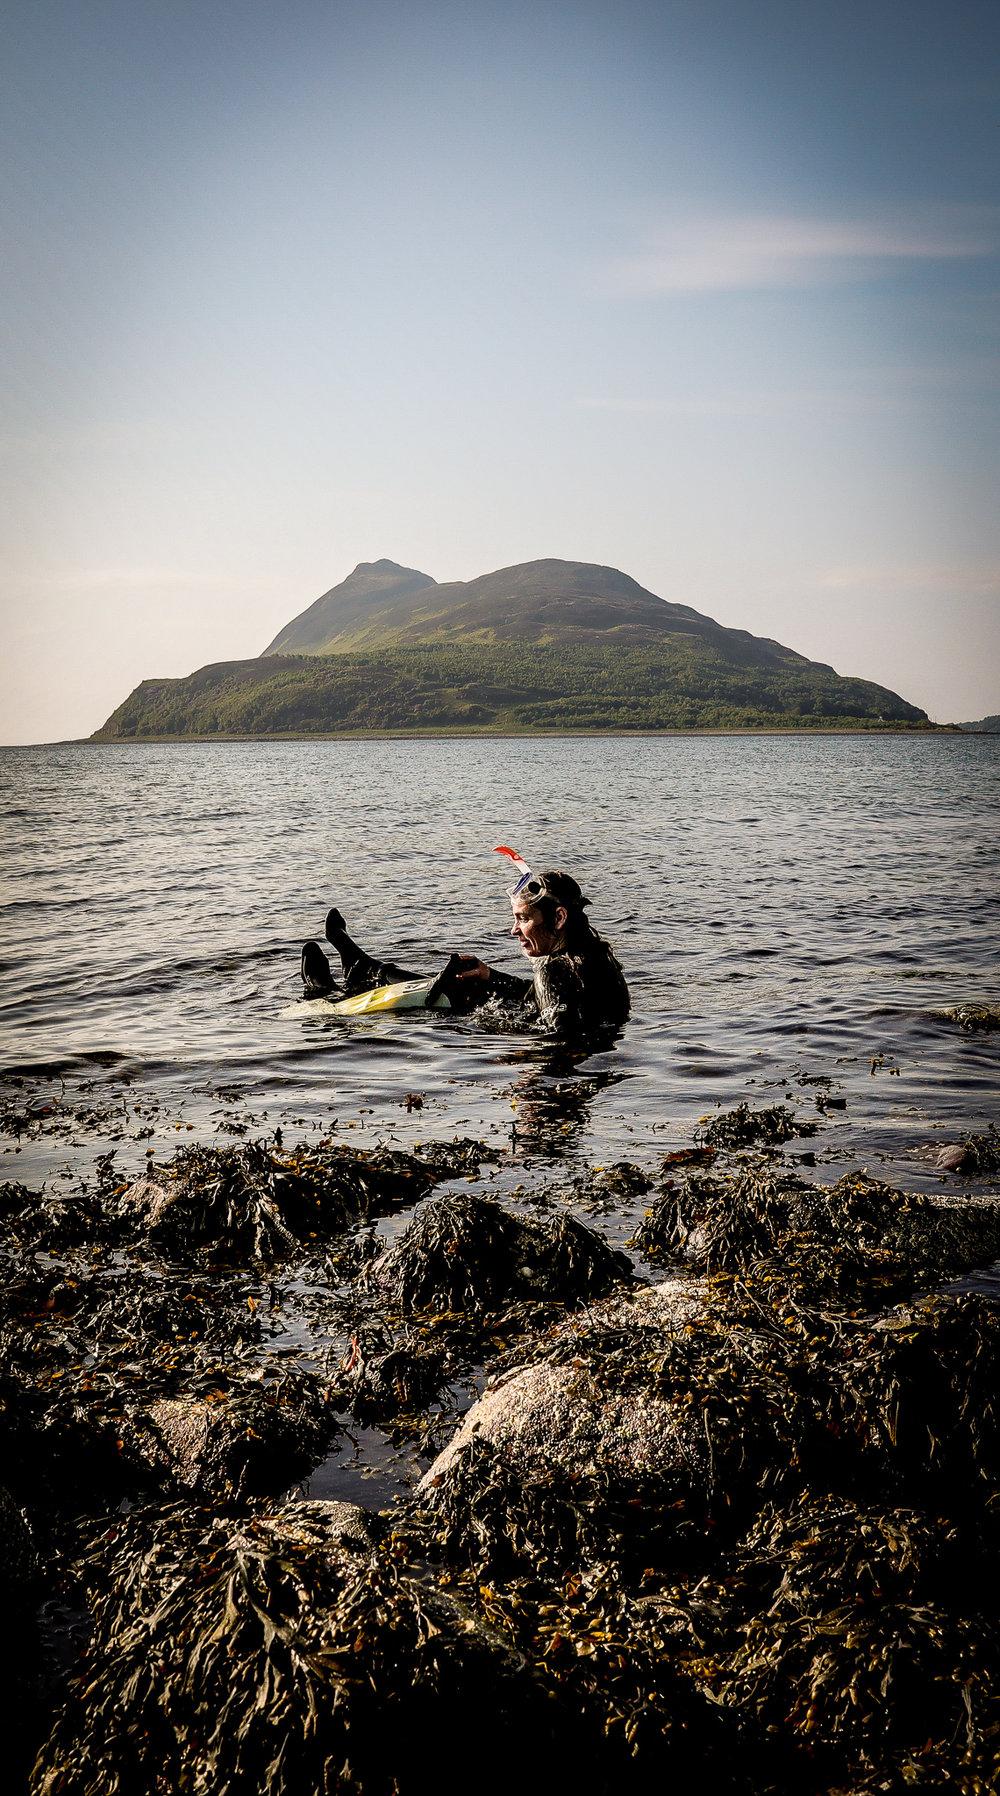 Manuela de los Rios, snorkeling in Lamlash Bay, Isle of Arran, Scotland